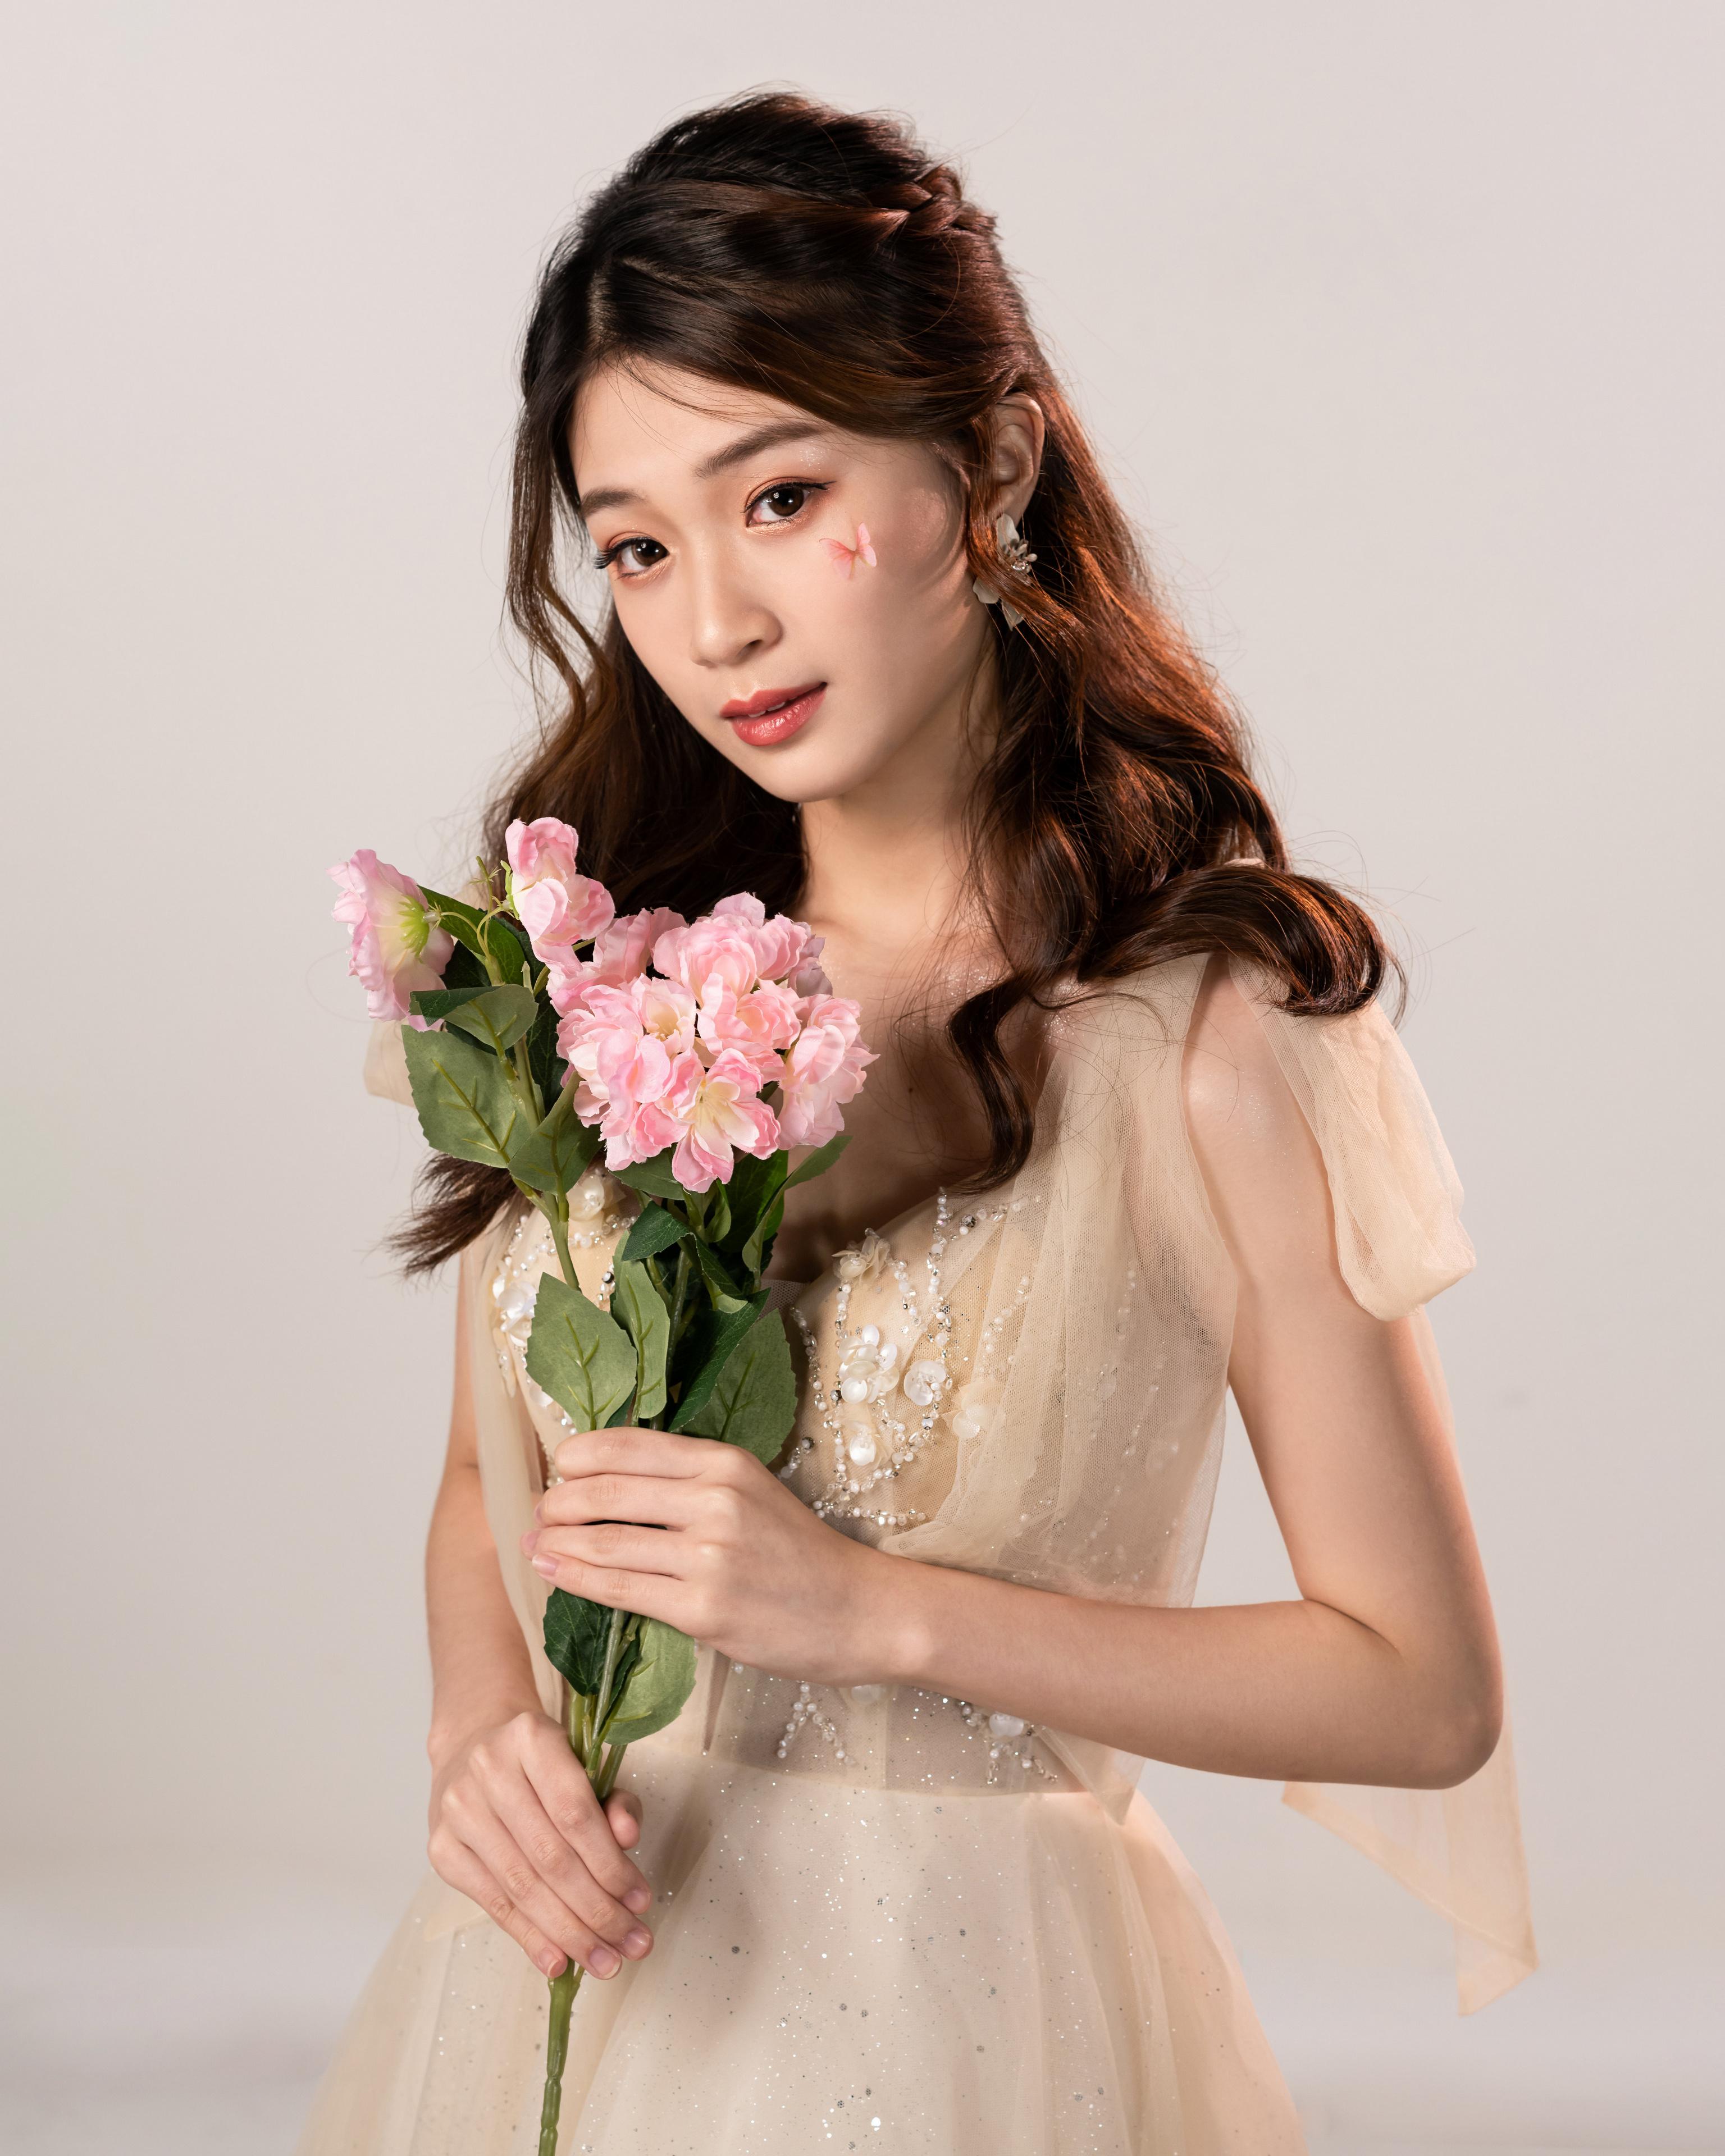 Foto Blumensträuße Mädchens Asiatische Blick Kleid  für Handy Sträuße junge frau junge Frauen Asiaten asiatisches Starren